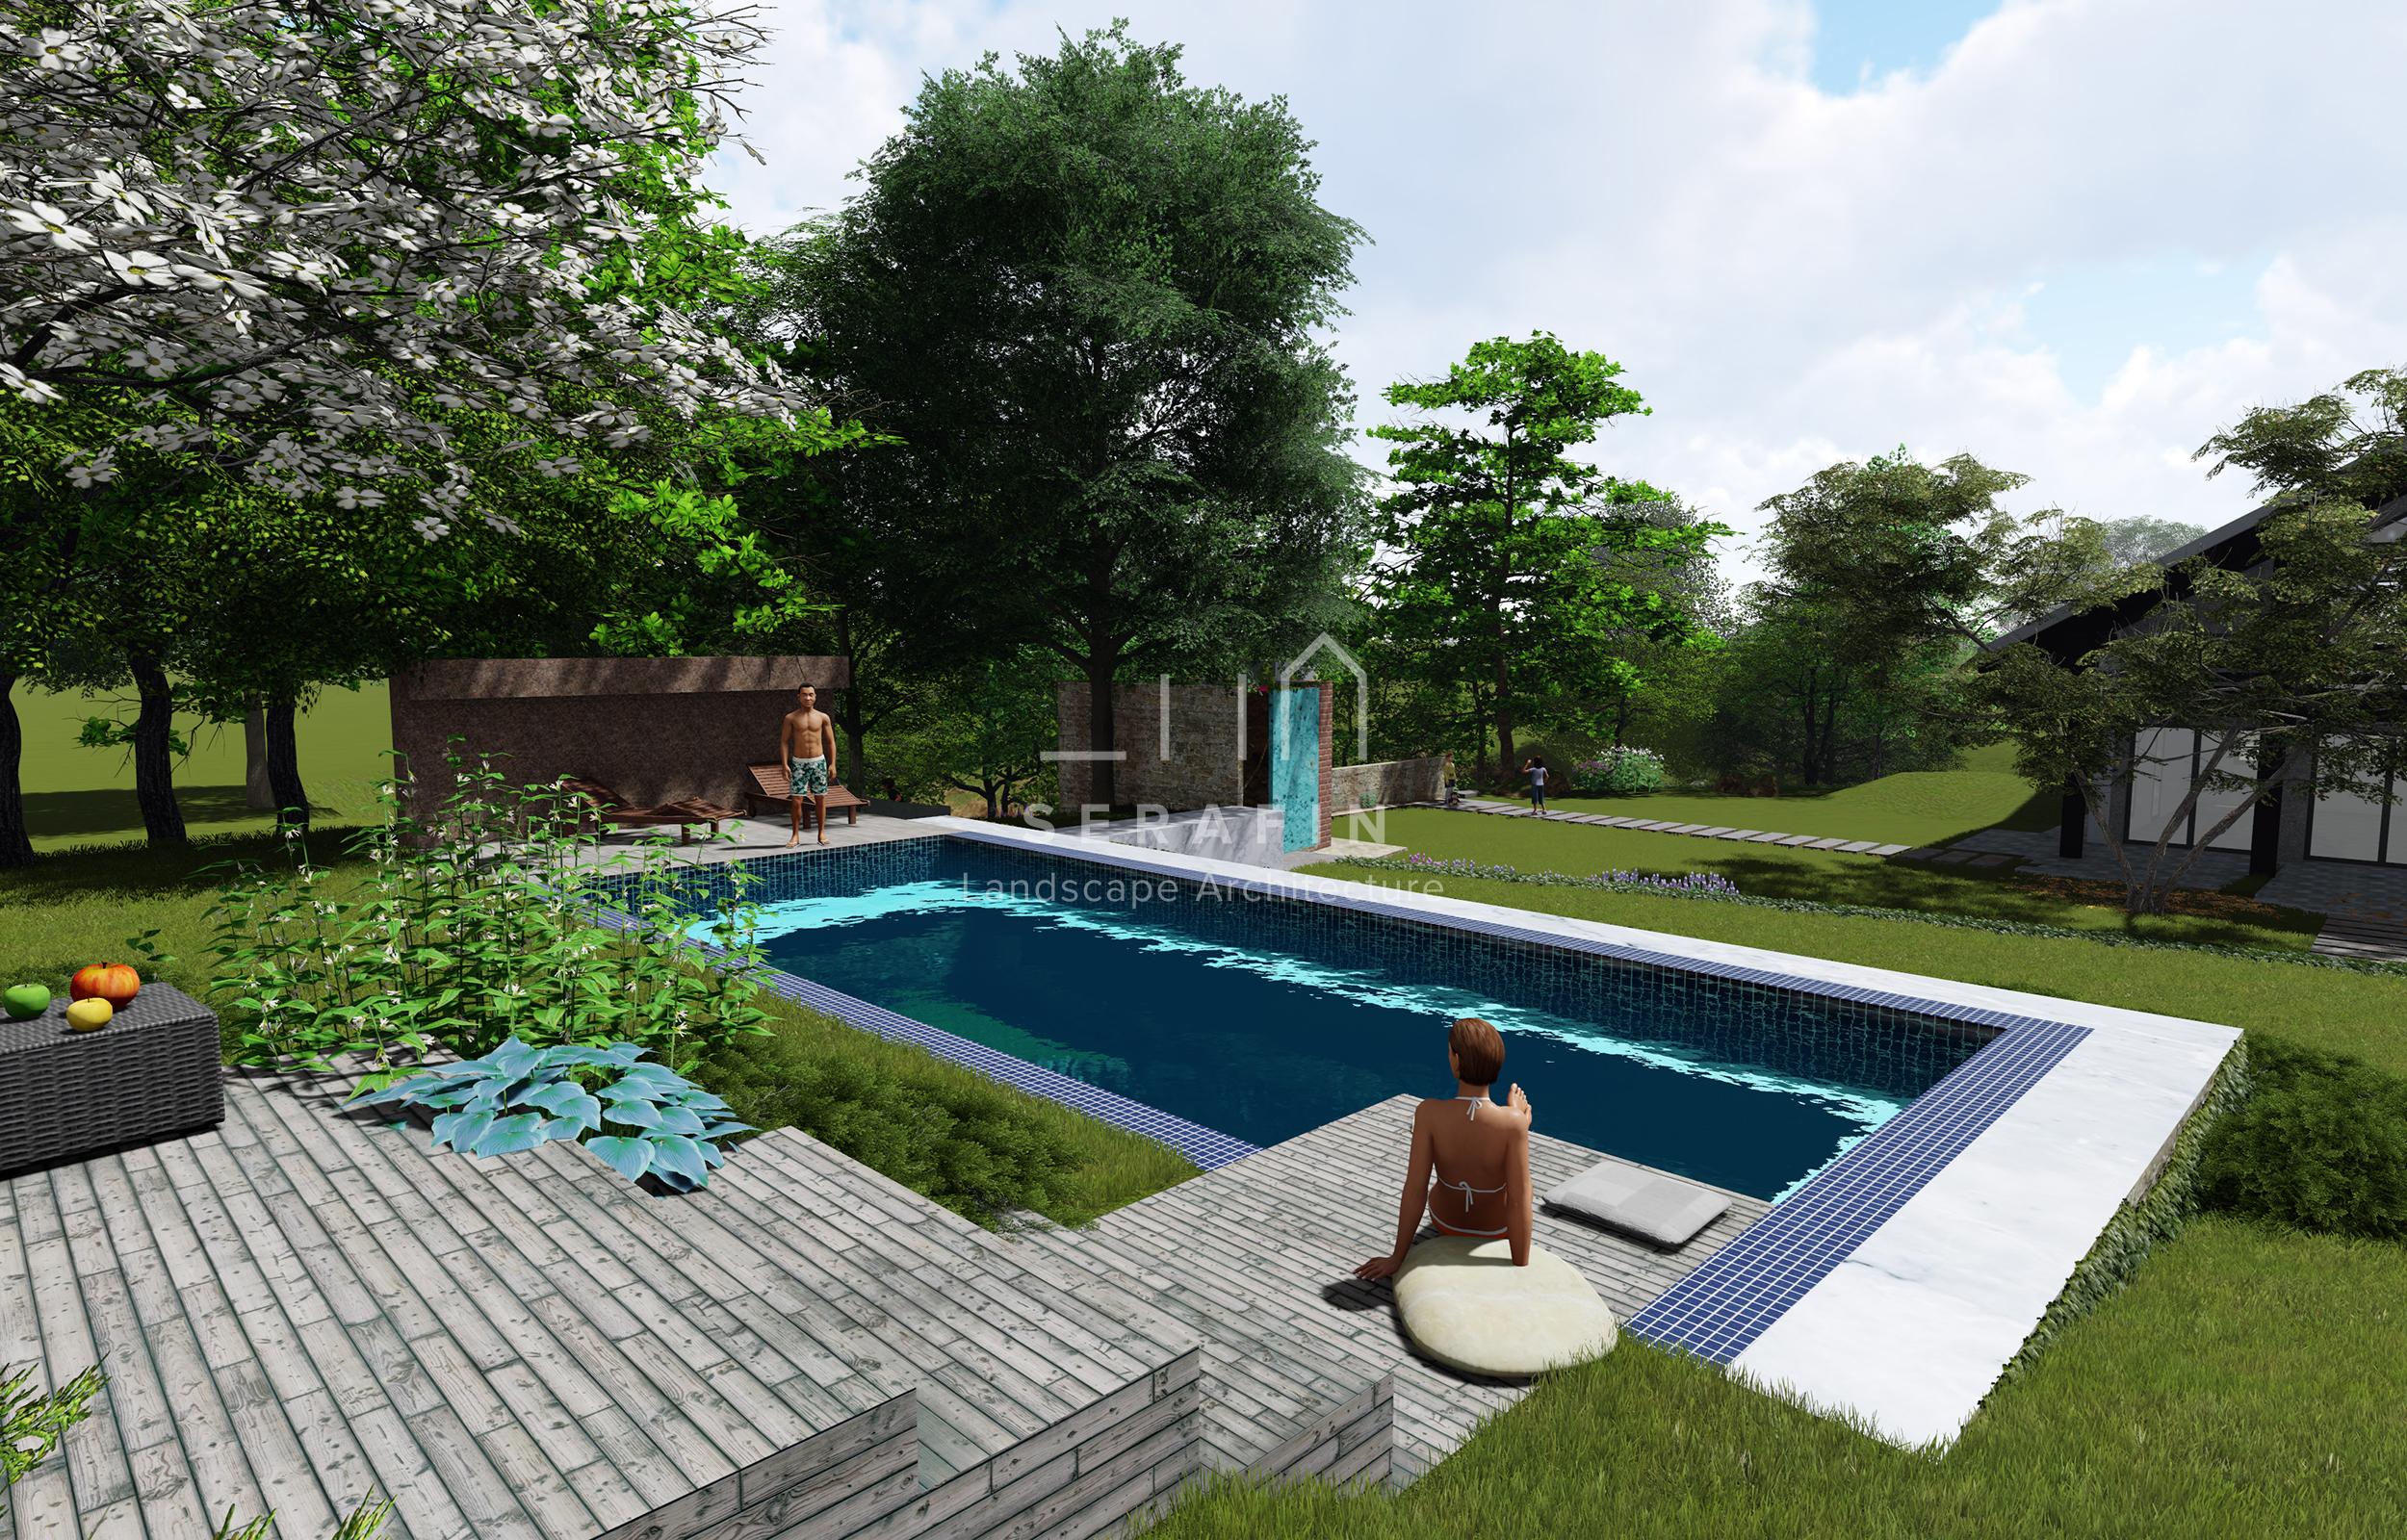 Giardino alpino simone serafin outside designer - Giardino con piscina ...